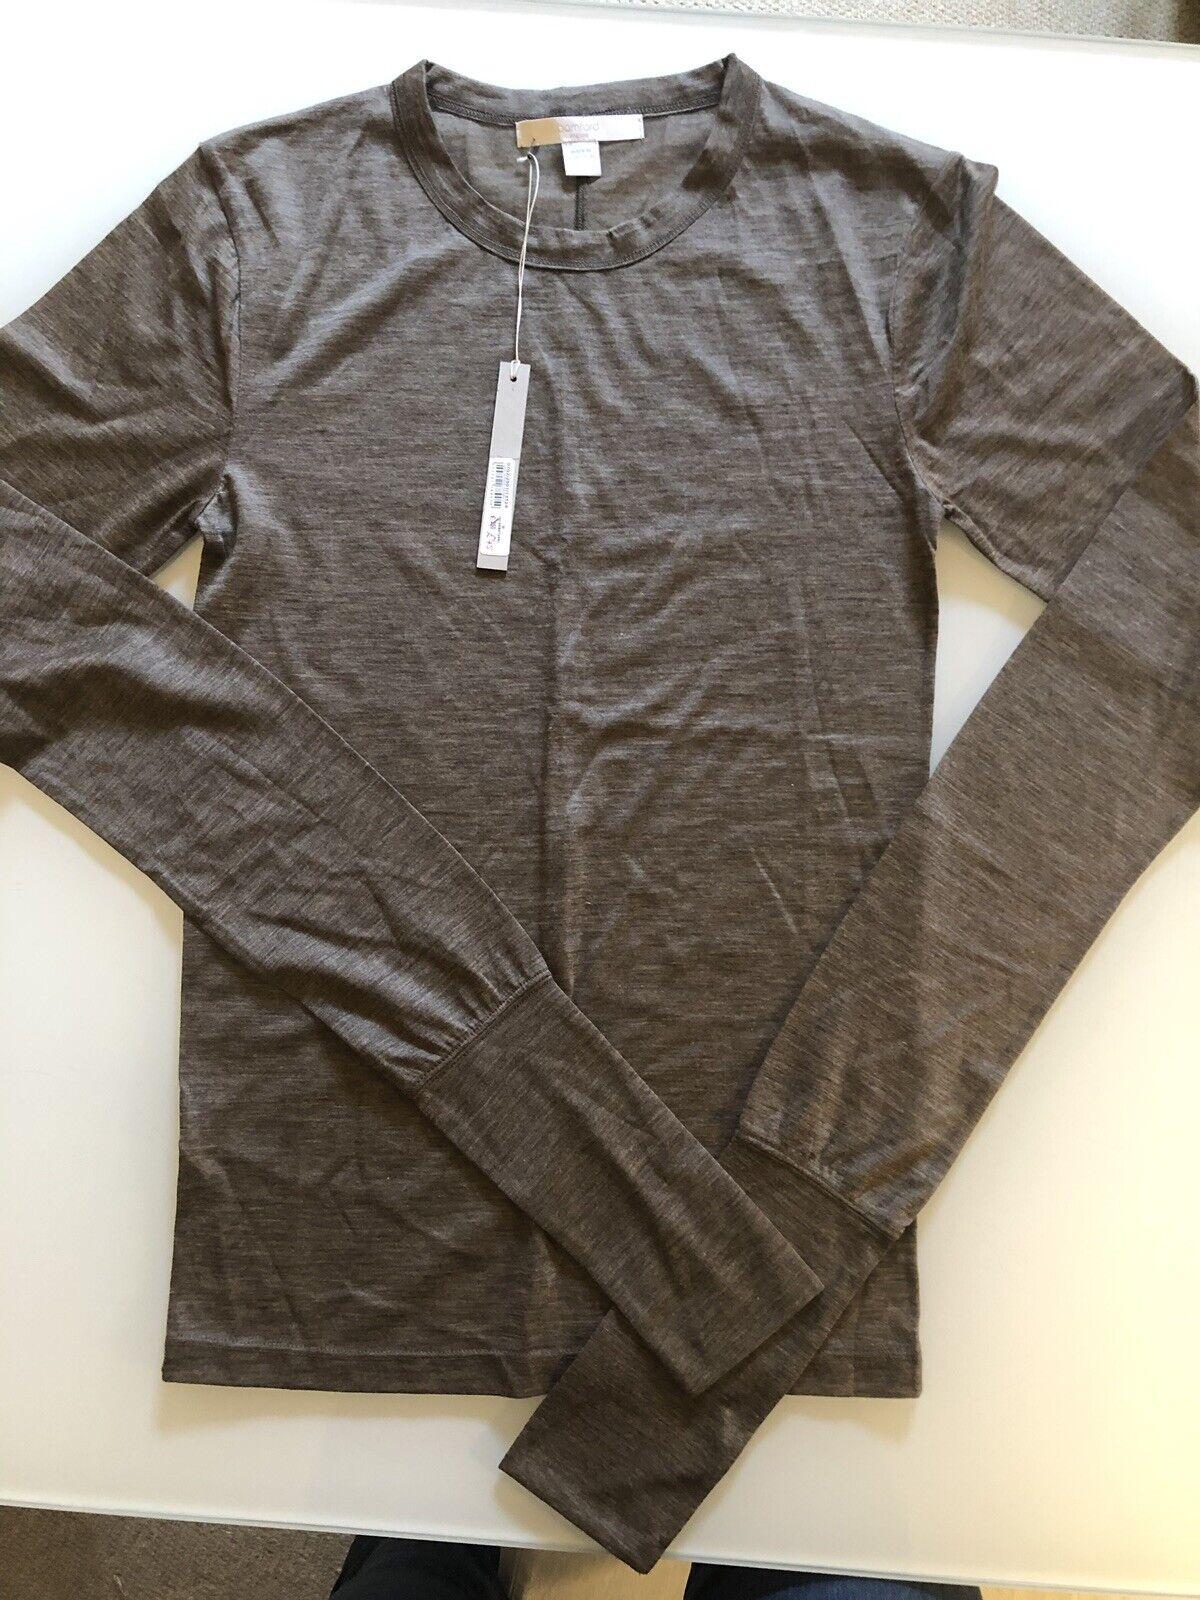 À Manches Longues Bamford Skinny T-shirt 100% cachemire BNWT M